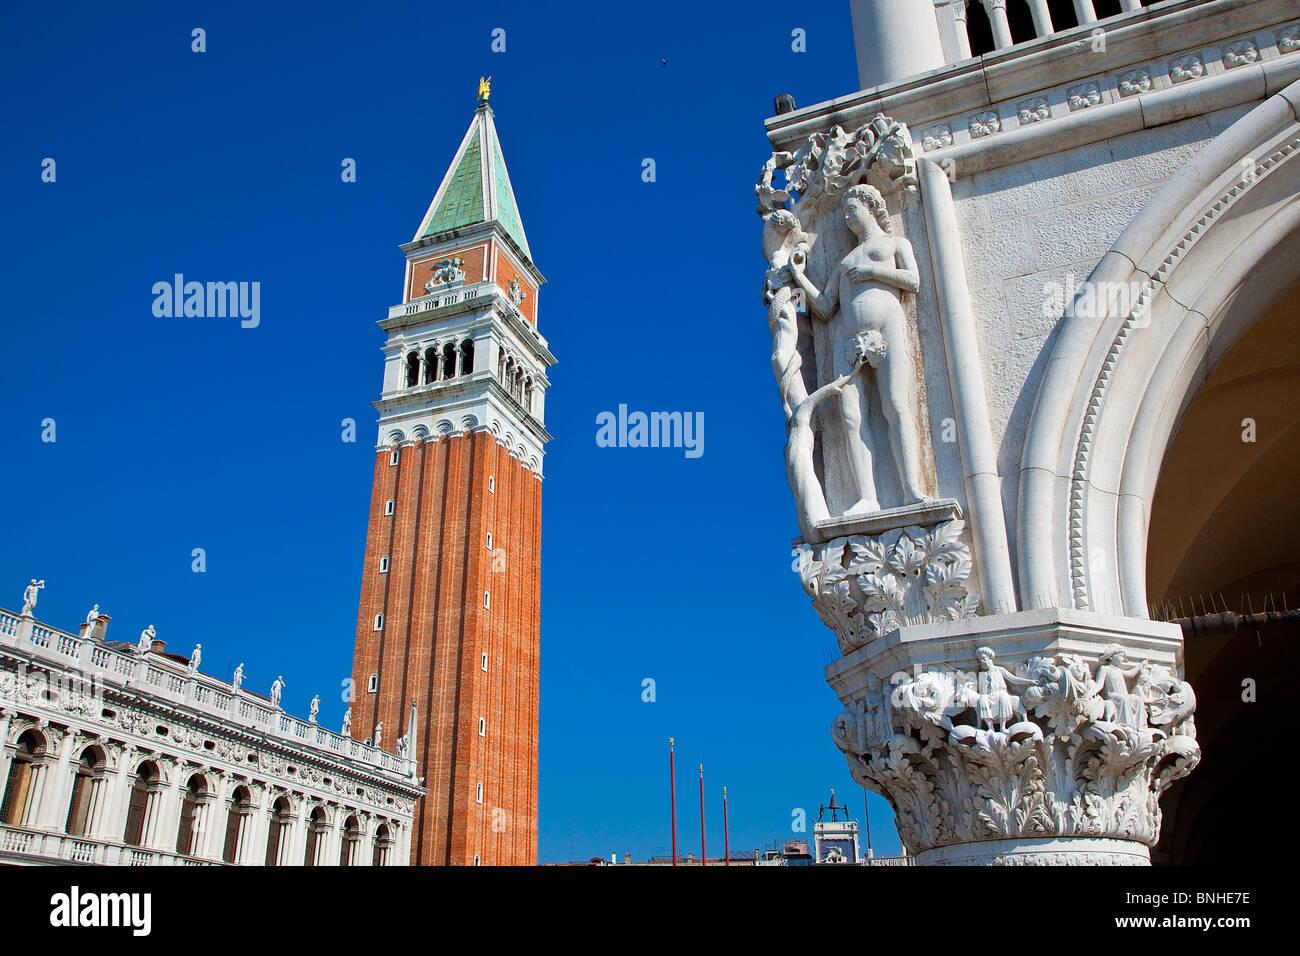 Europa, Italia, Venecia, Venecia, catalogado como Patrimonio Mundial por la UNESCO, la Piazza San Marco, el Campanile Imagen De Stock